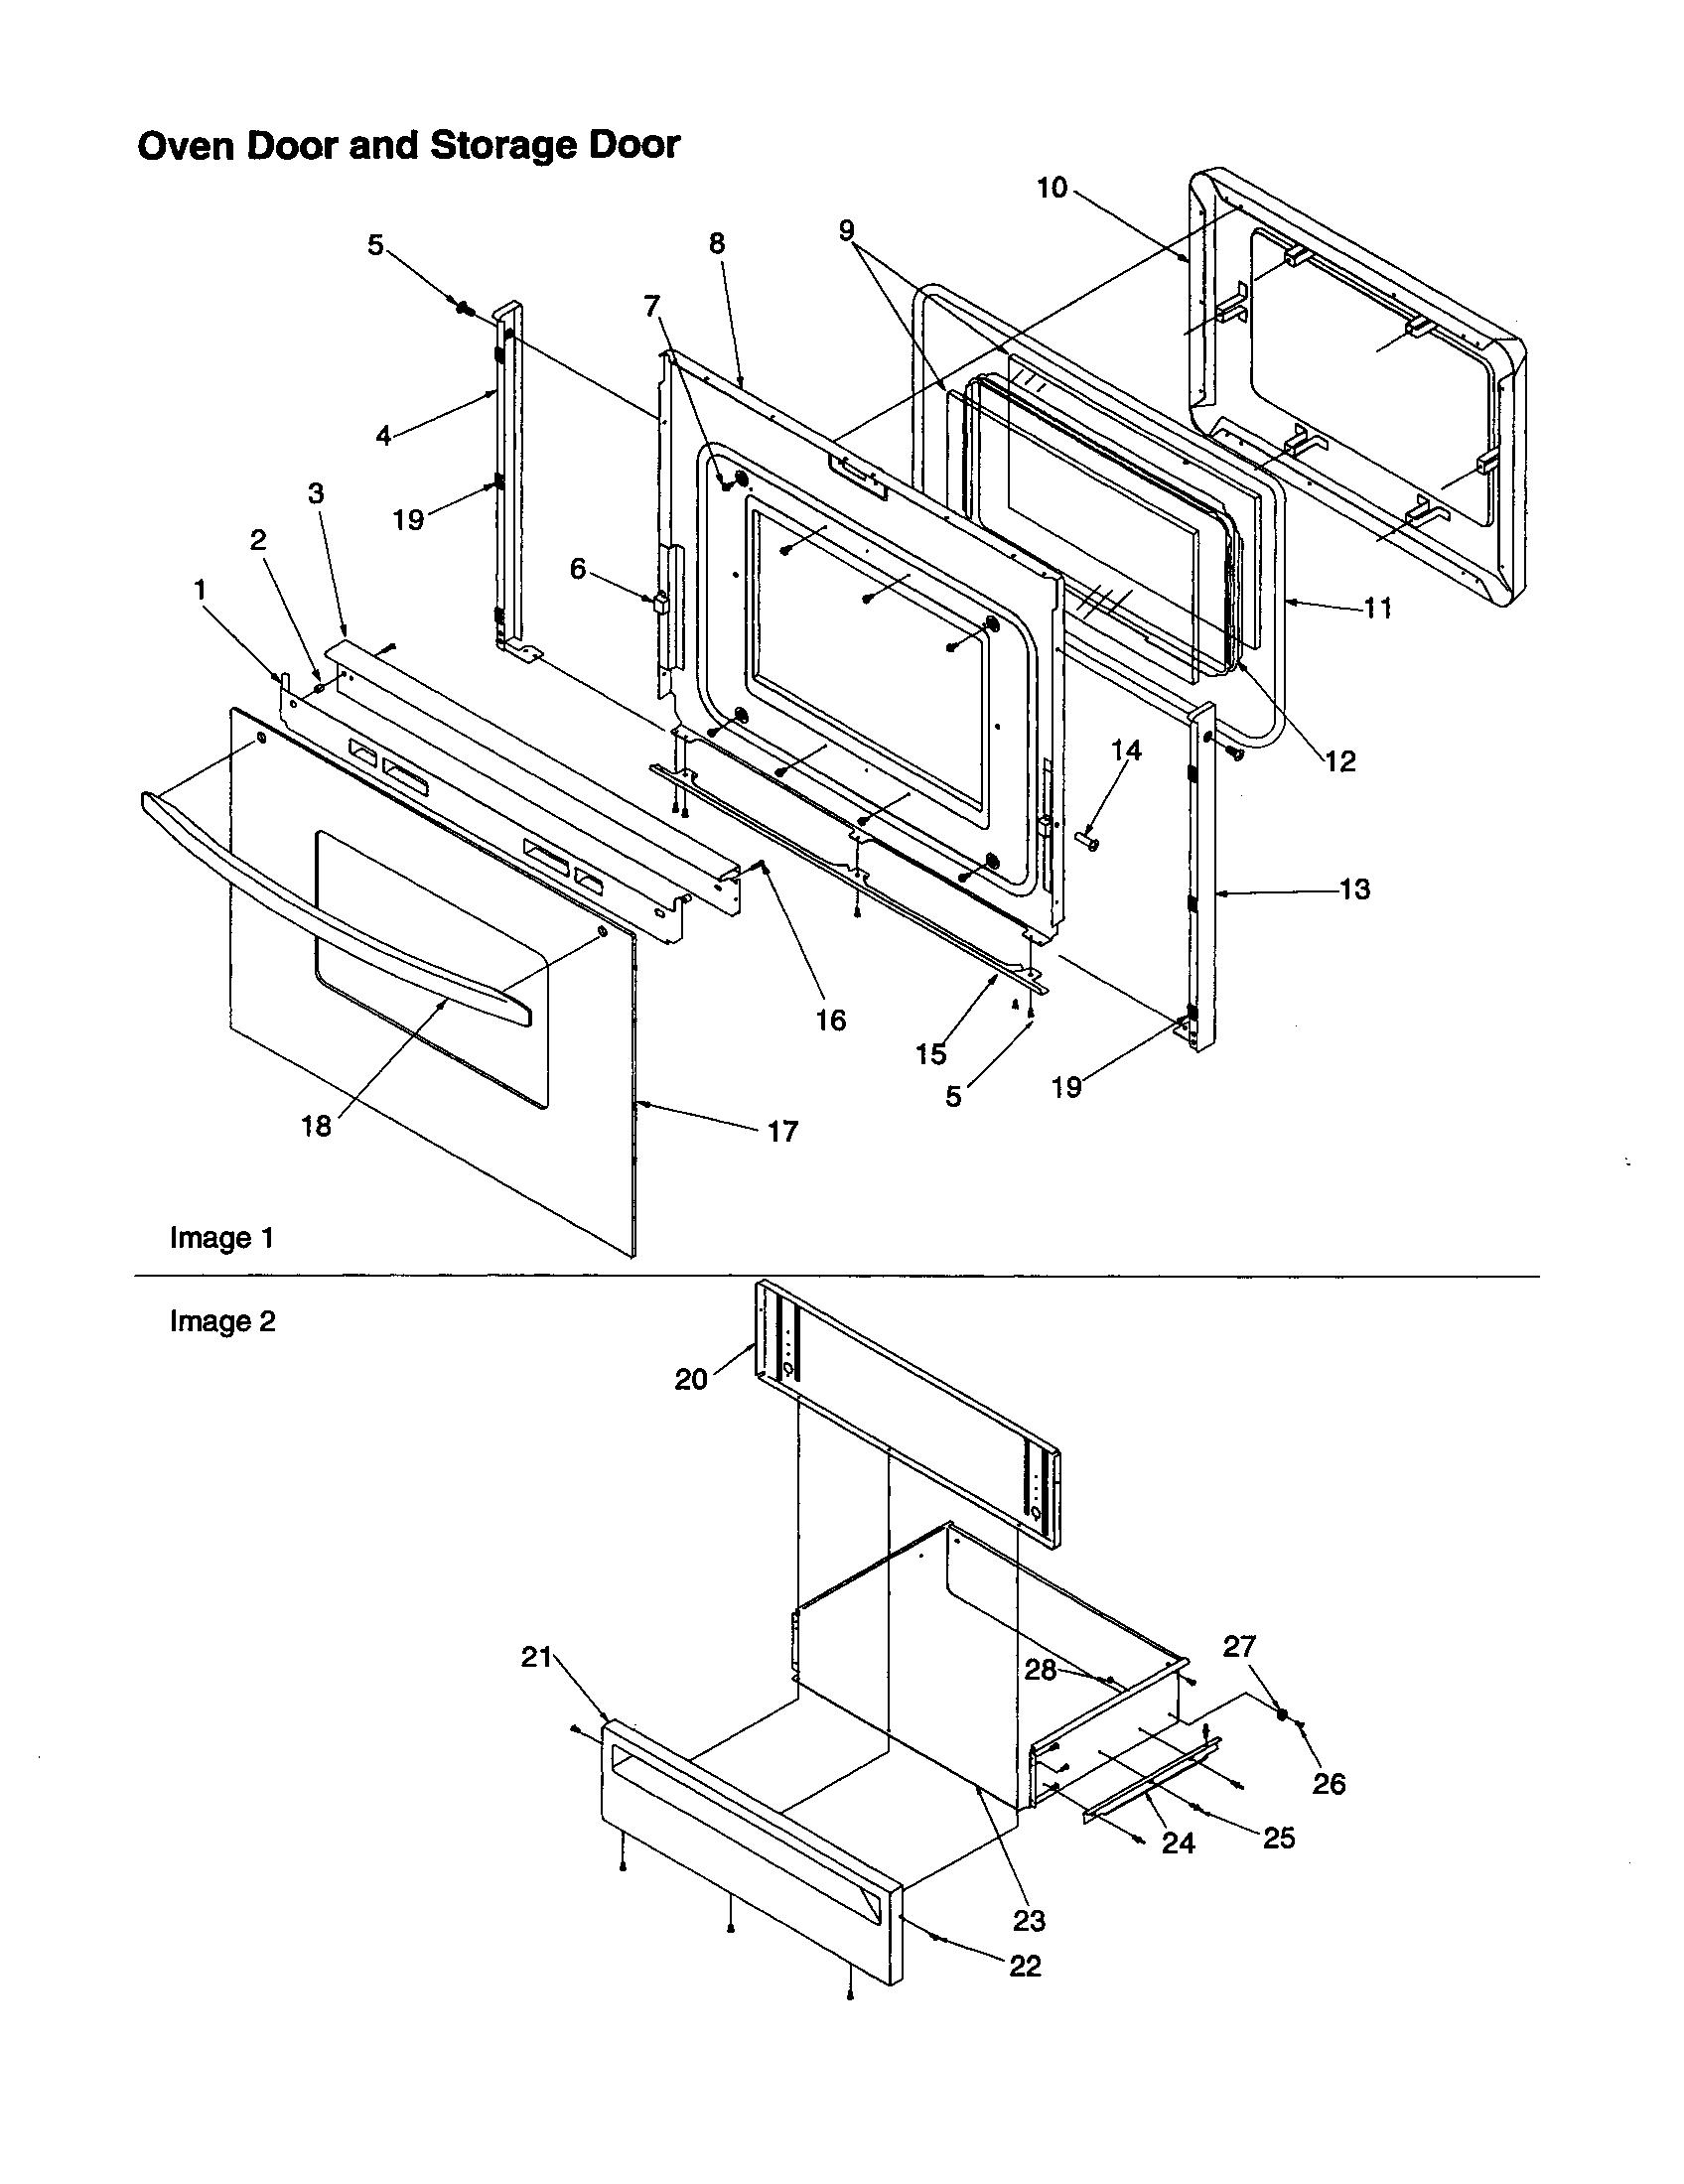 hight resolution of oven door schematic wiring diagram mega oven door schematic